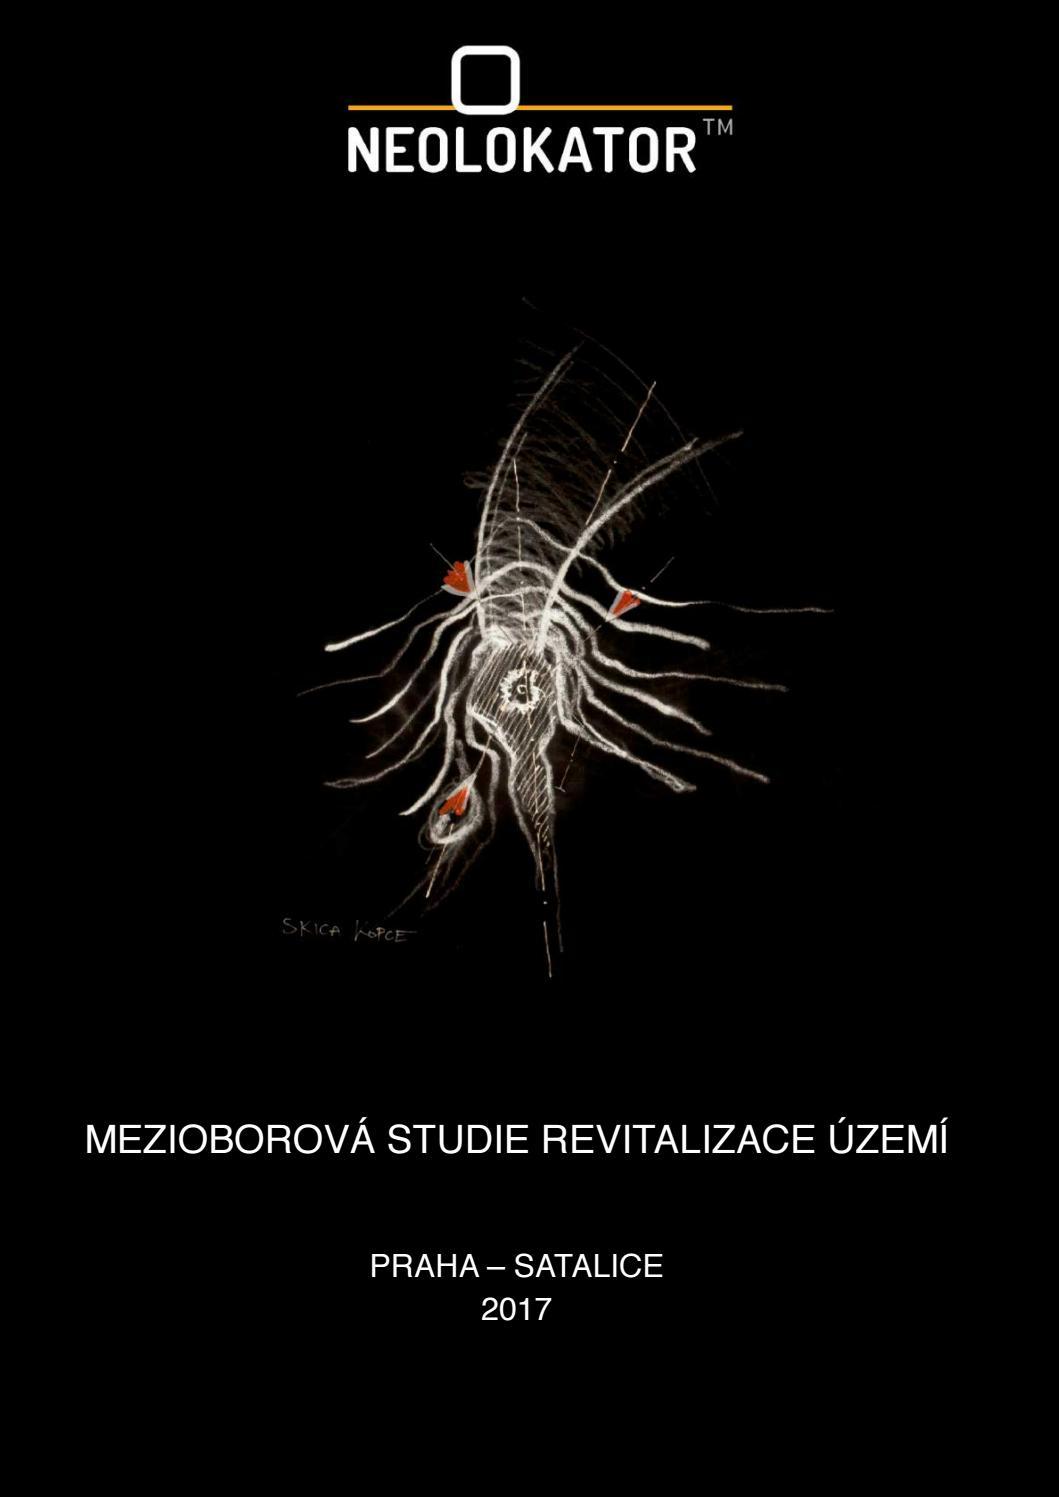 tj sportovn kluby satalice - Praha sportovn